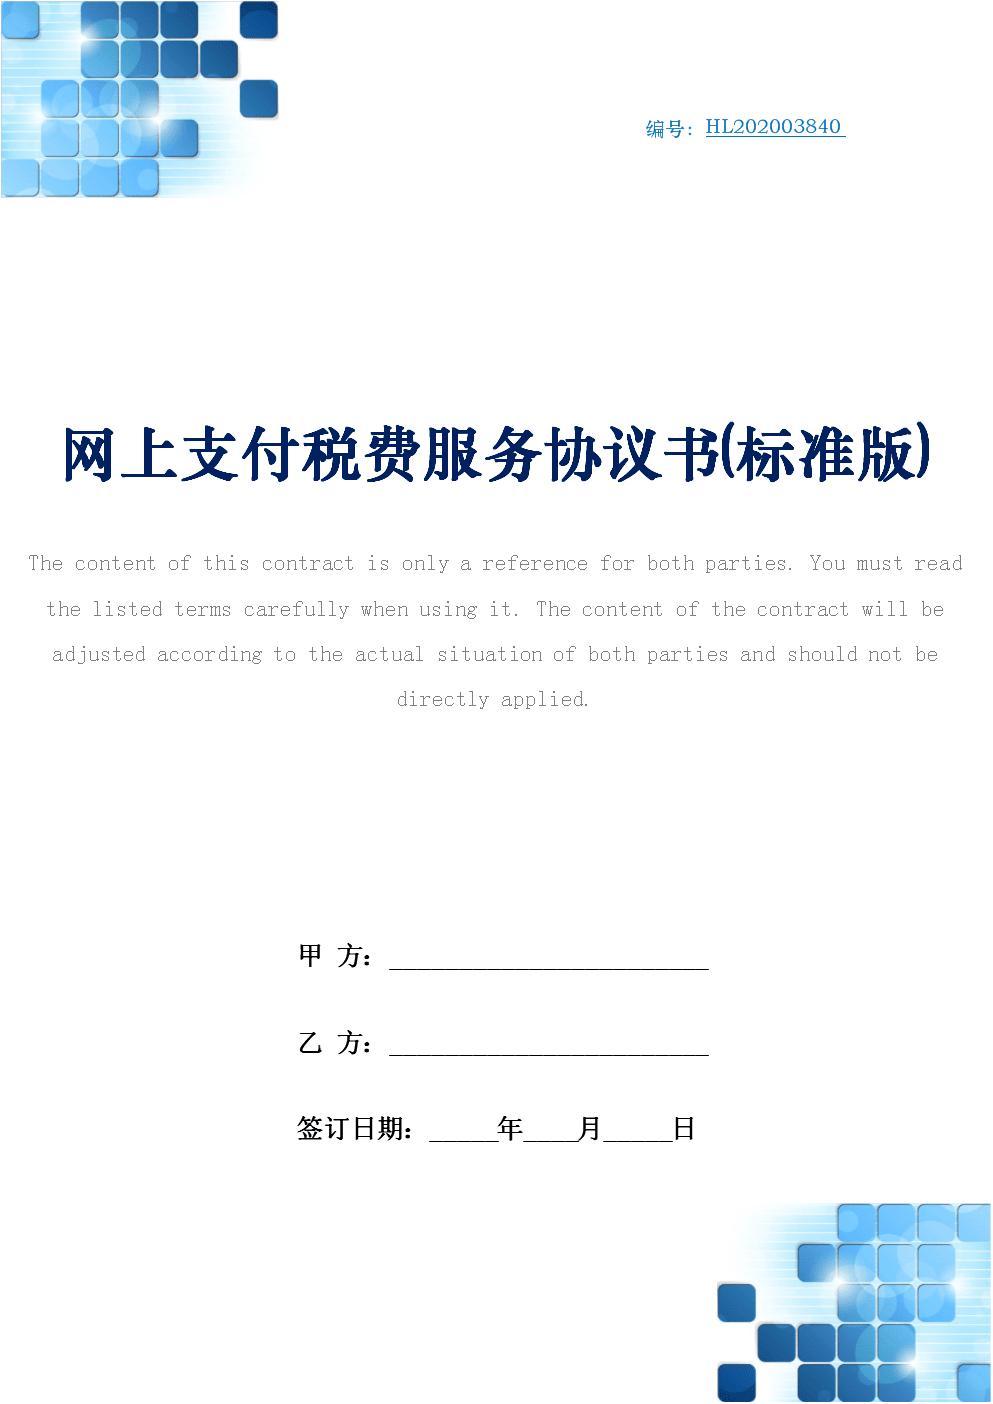 网上支付税费服务协议书(标准版).docx